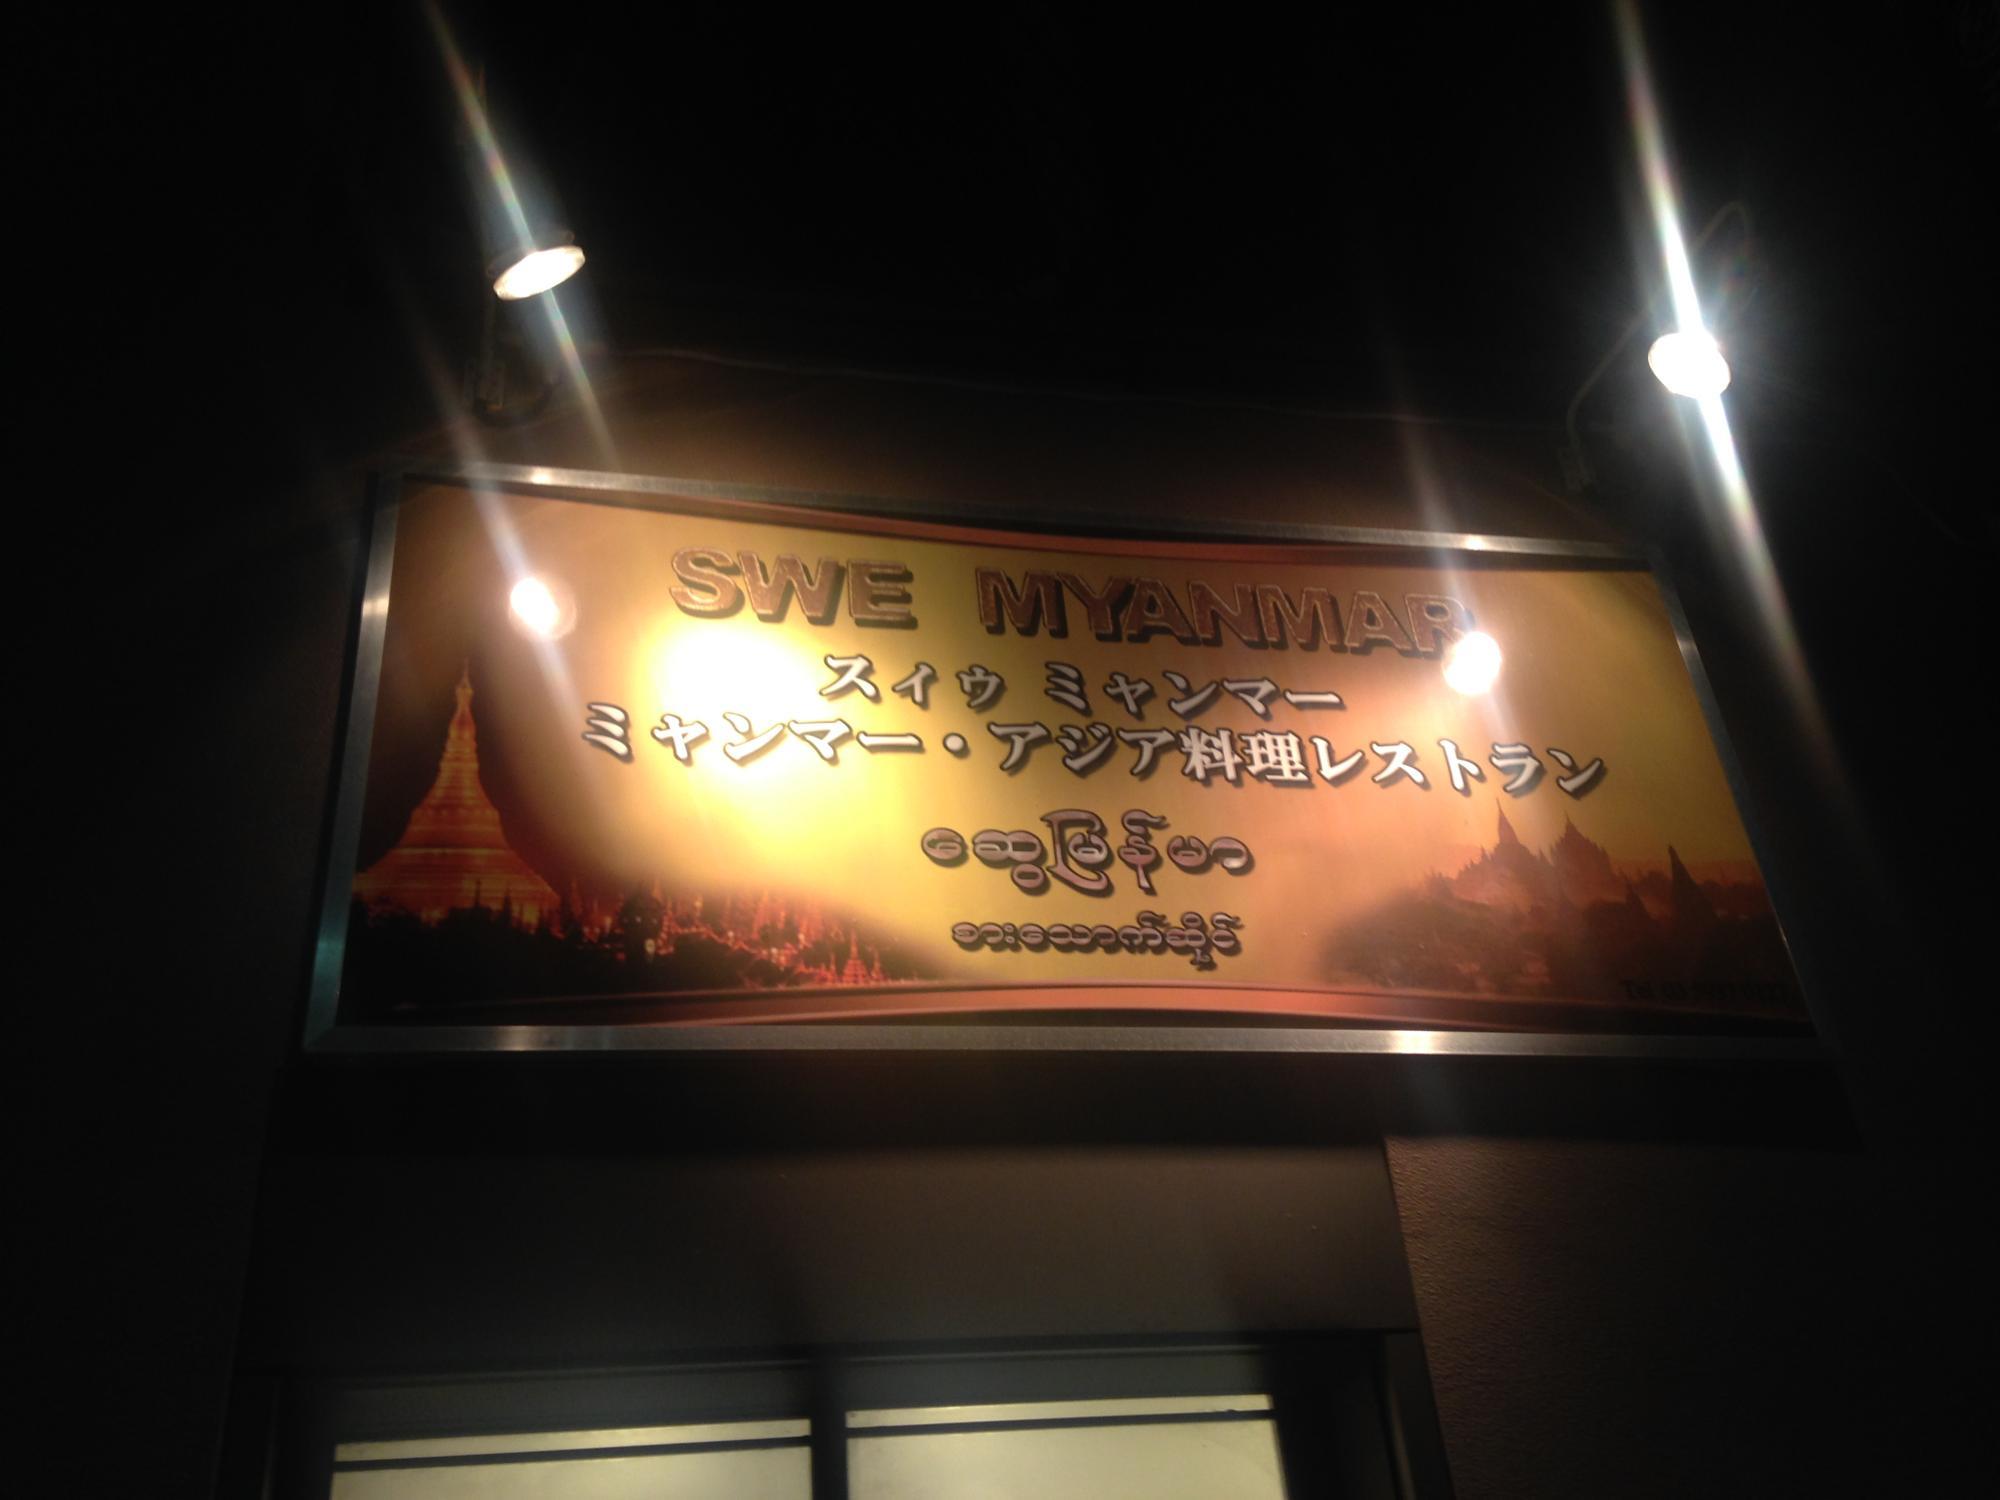 高田馬場 スィゥミャンマー